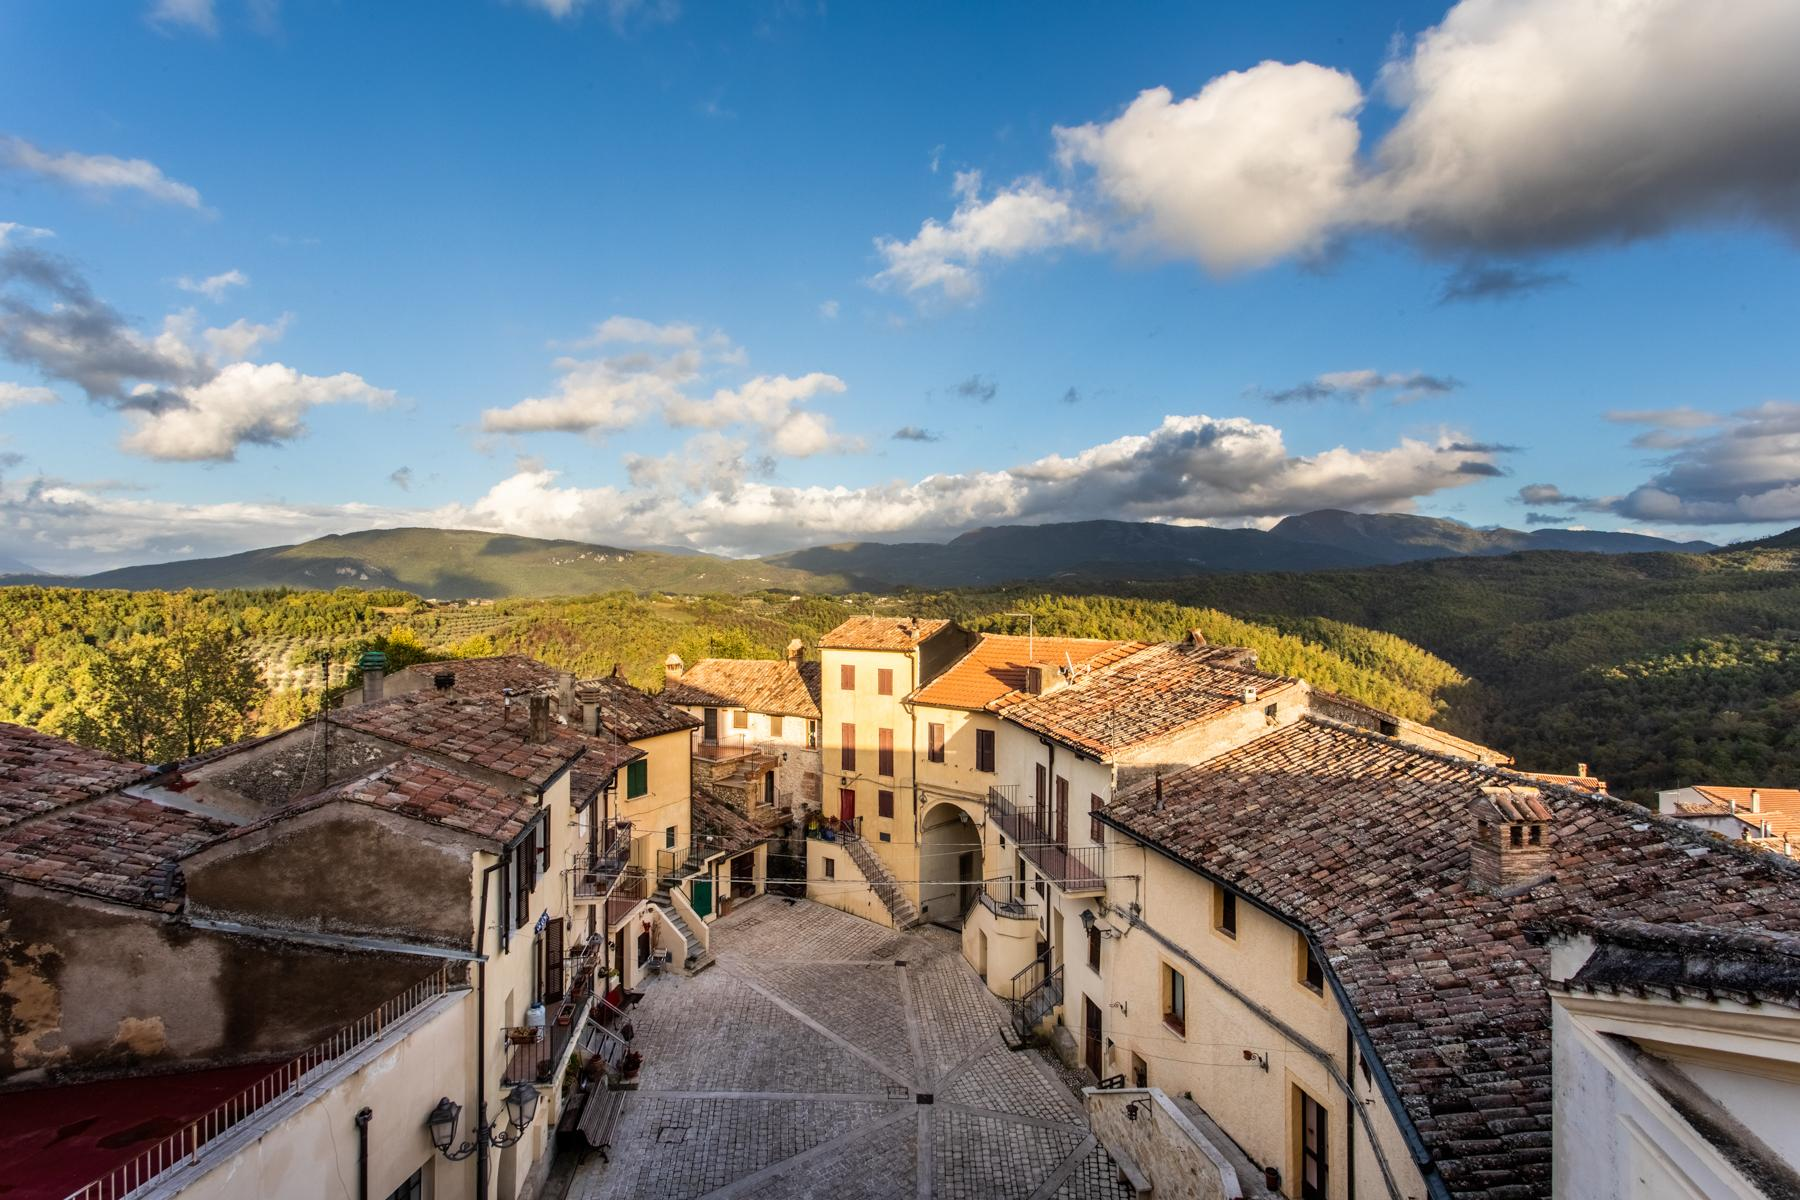 中世纪村庄Oliveto山顶上的雄壮宫殿 - 20